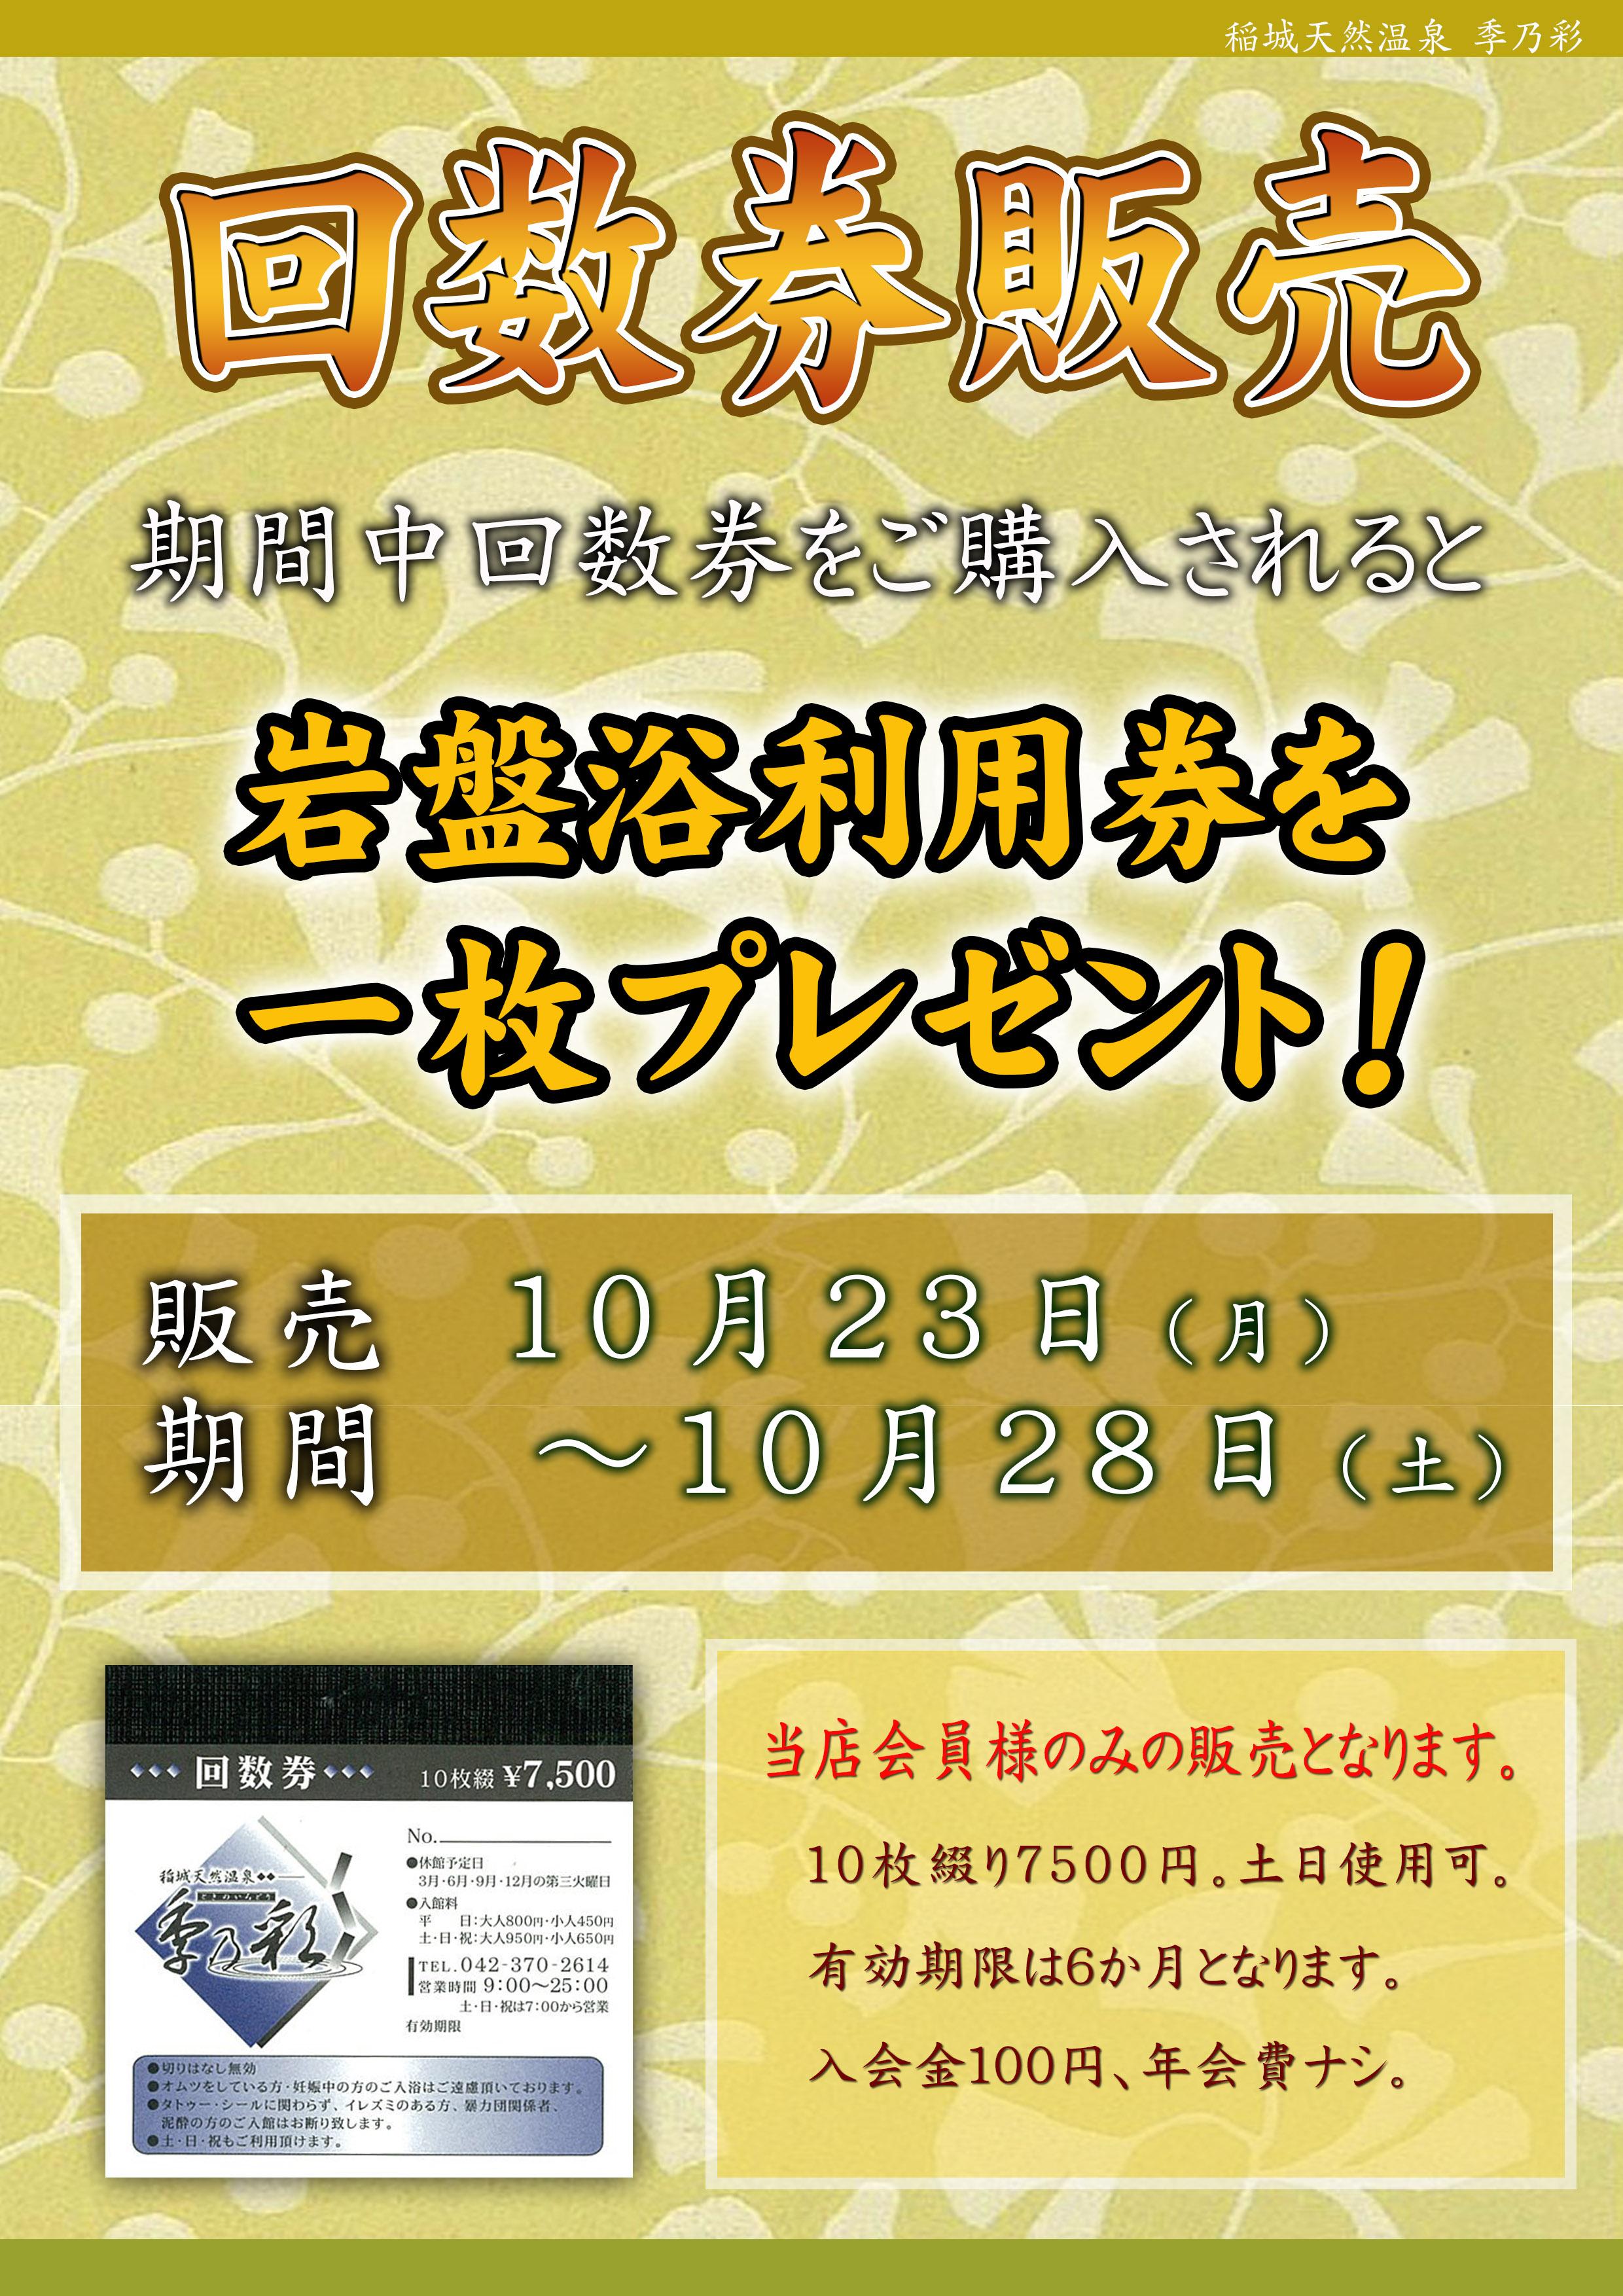 20171023POP イベント 回数券特売 岩盤浴券付与【入会100円】11月_1